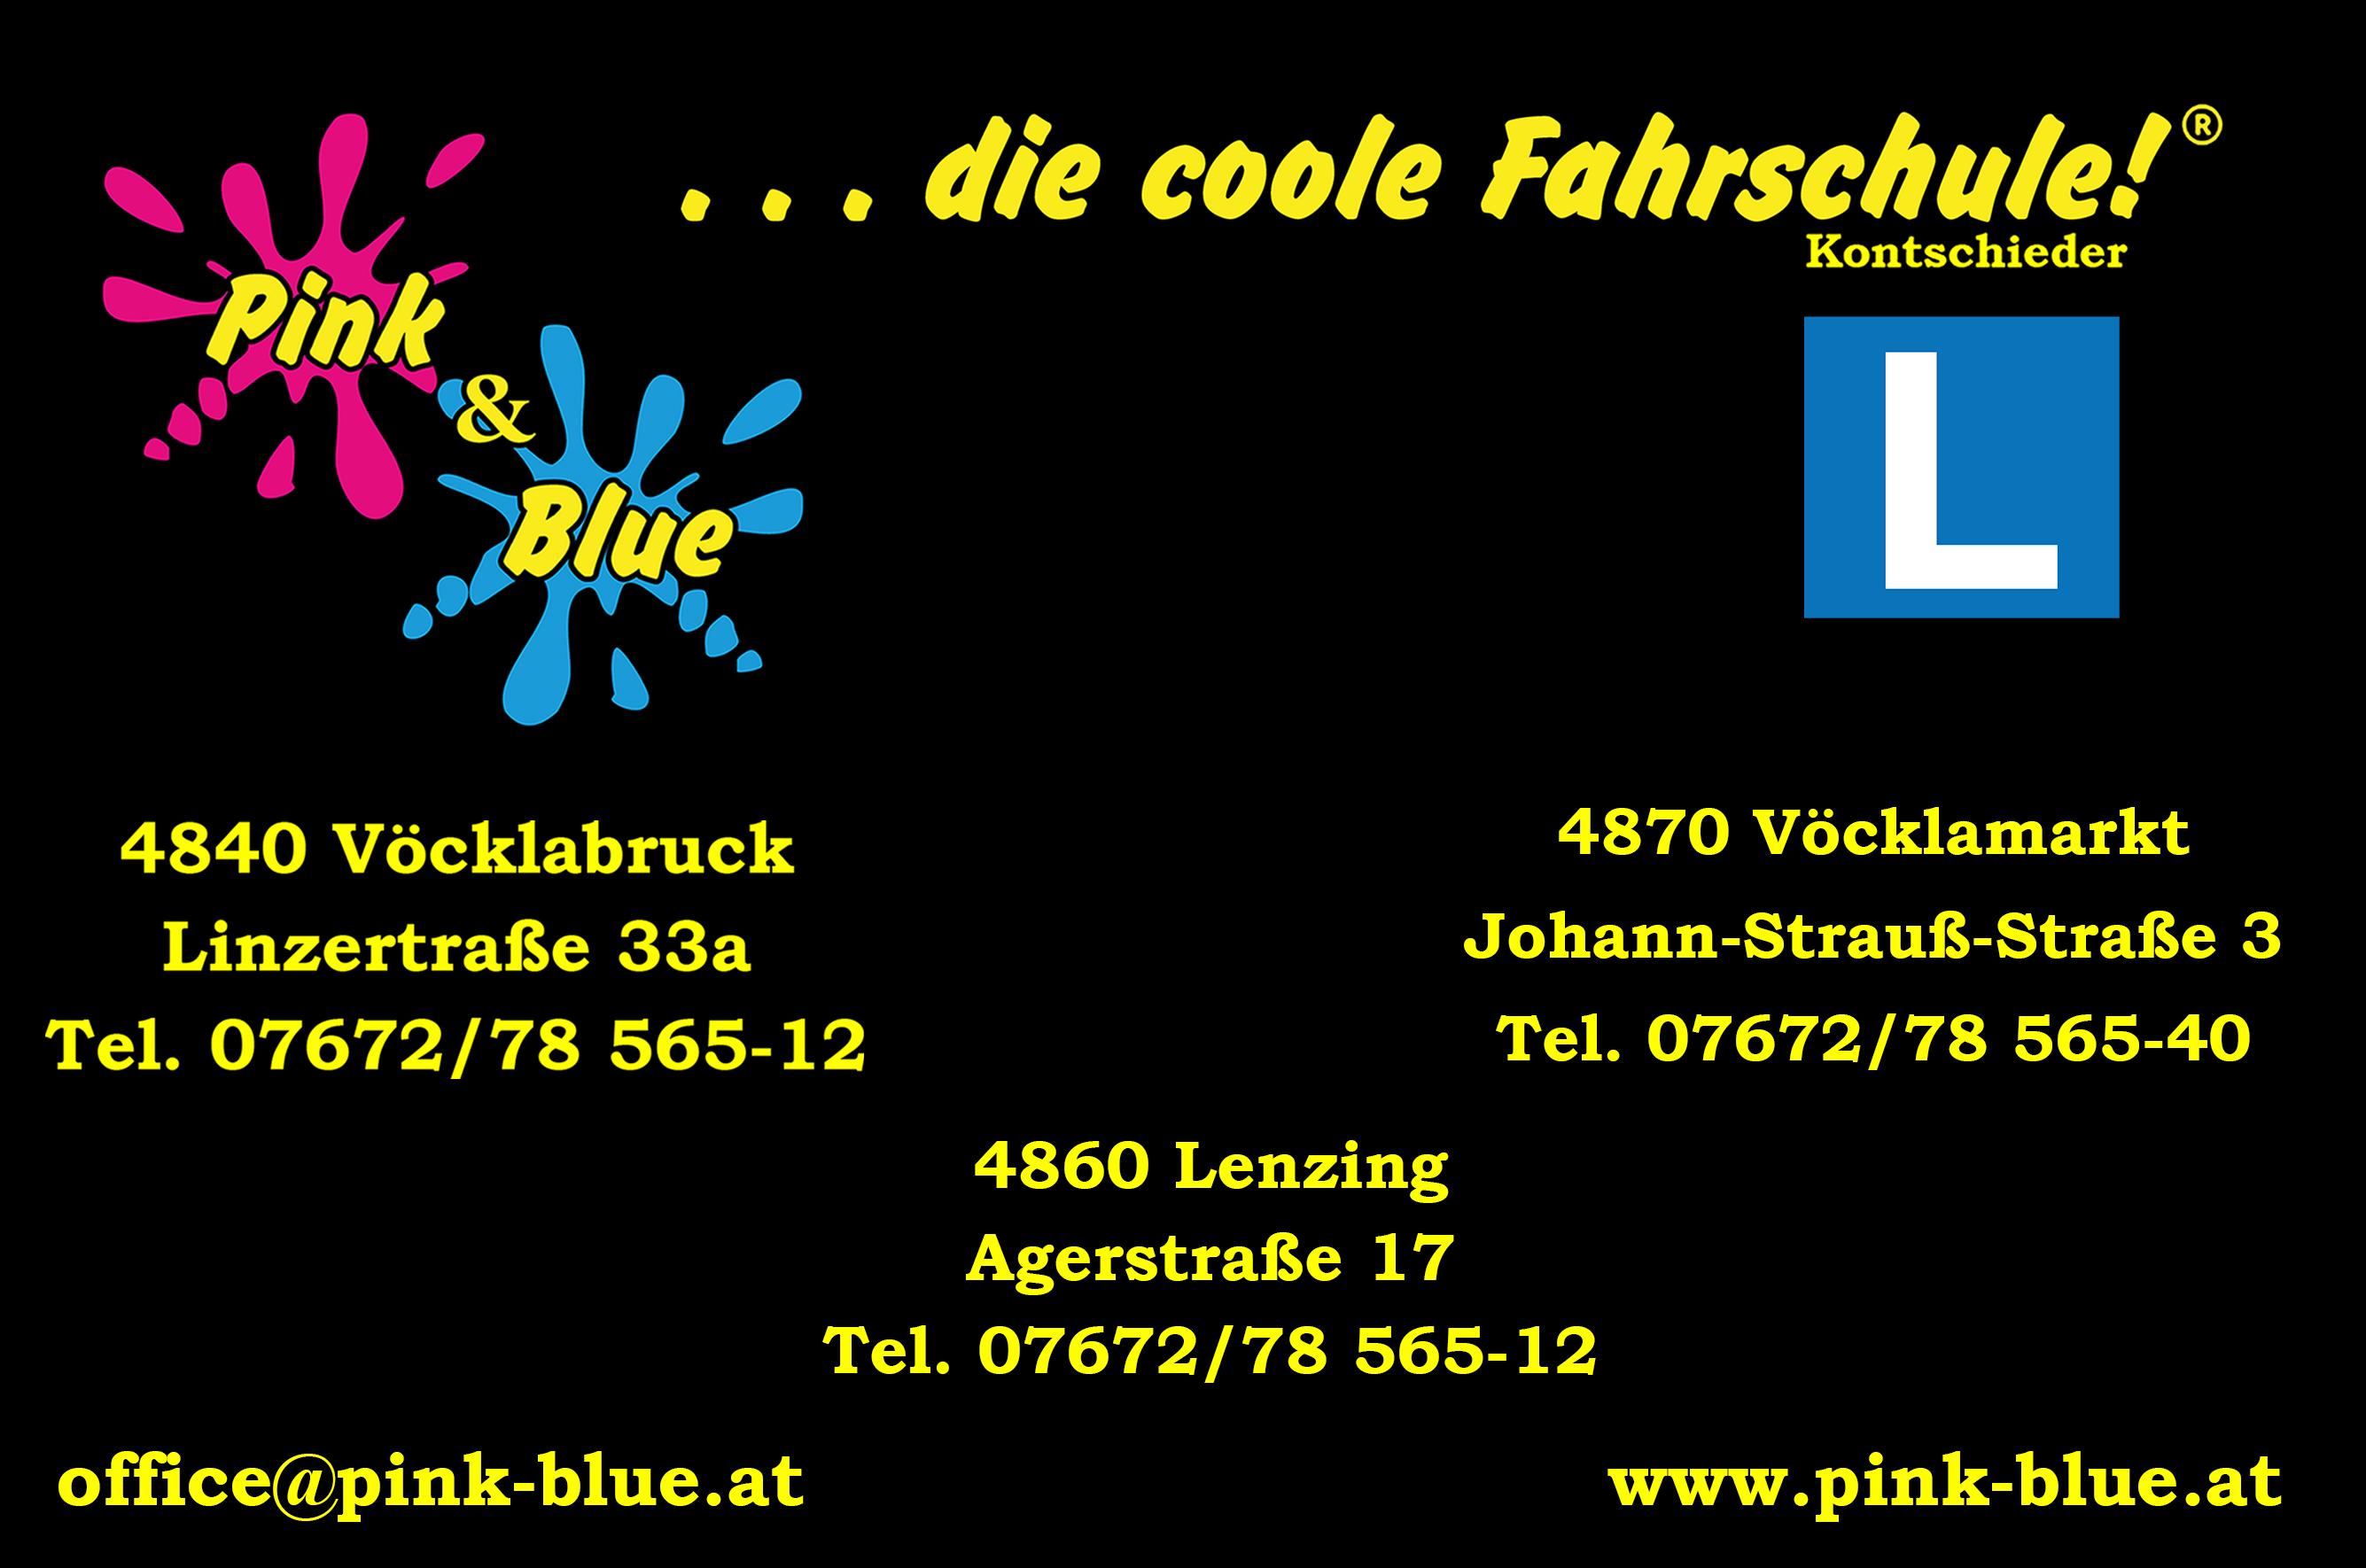 Pink & Blue die coole Fahrschule Josef Kontschieder, Oberndorfer & Oberndorfer KFZ GnbR